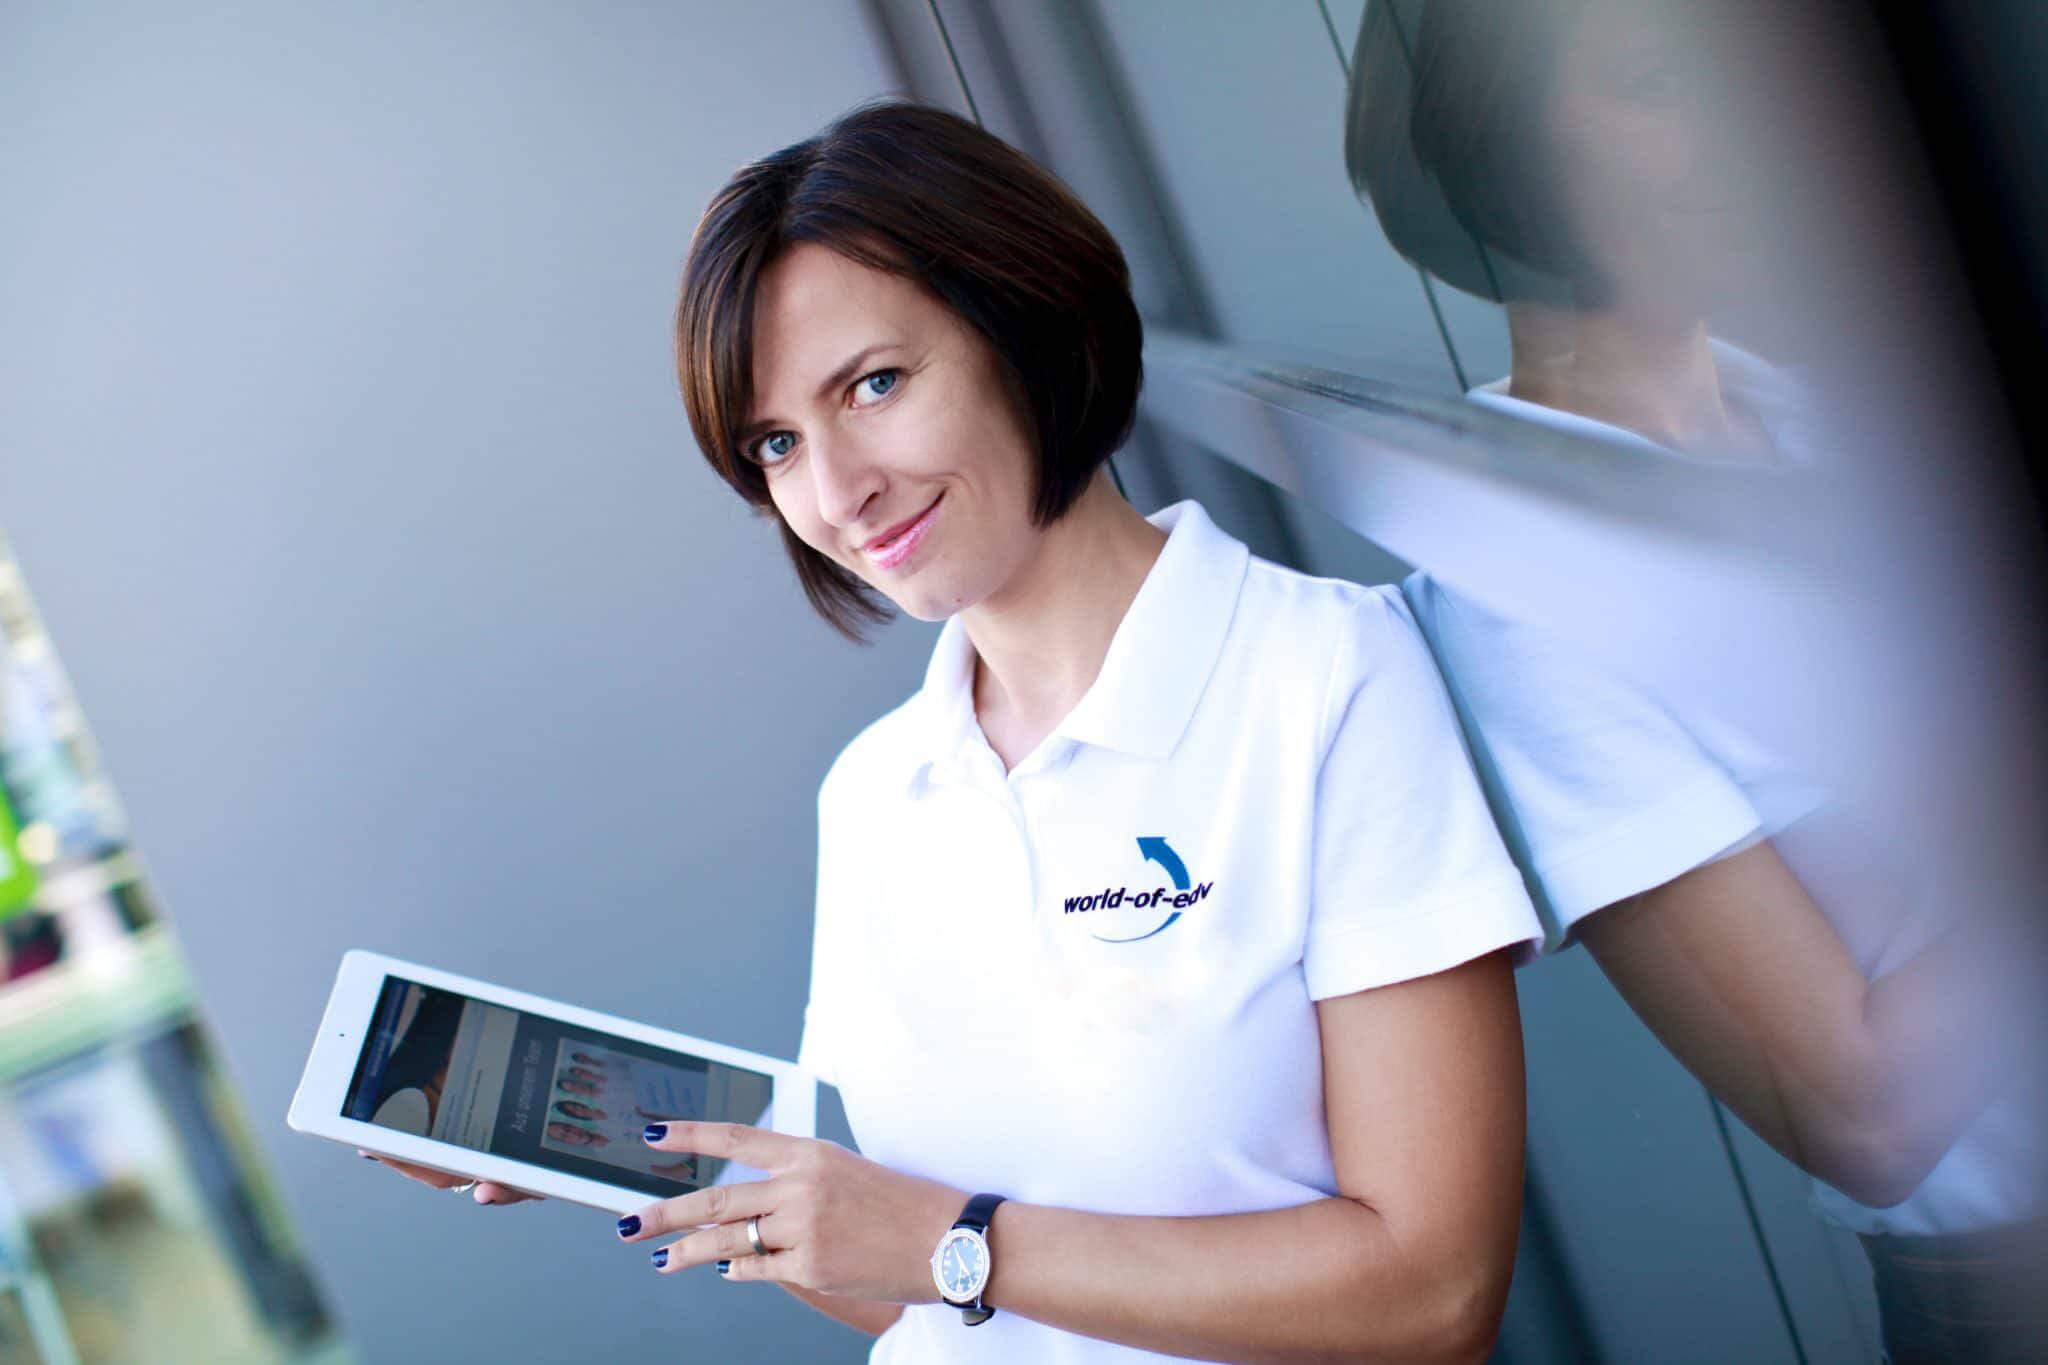 News der World-of-edv präsentiert von Katerina Wagner mit einem Tablet in der Hand